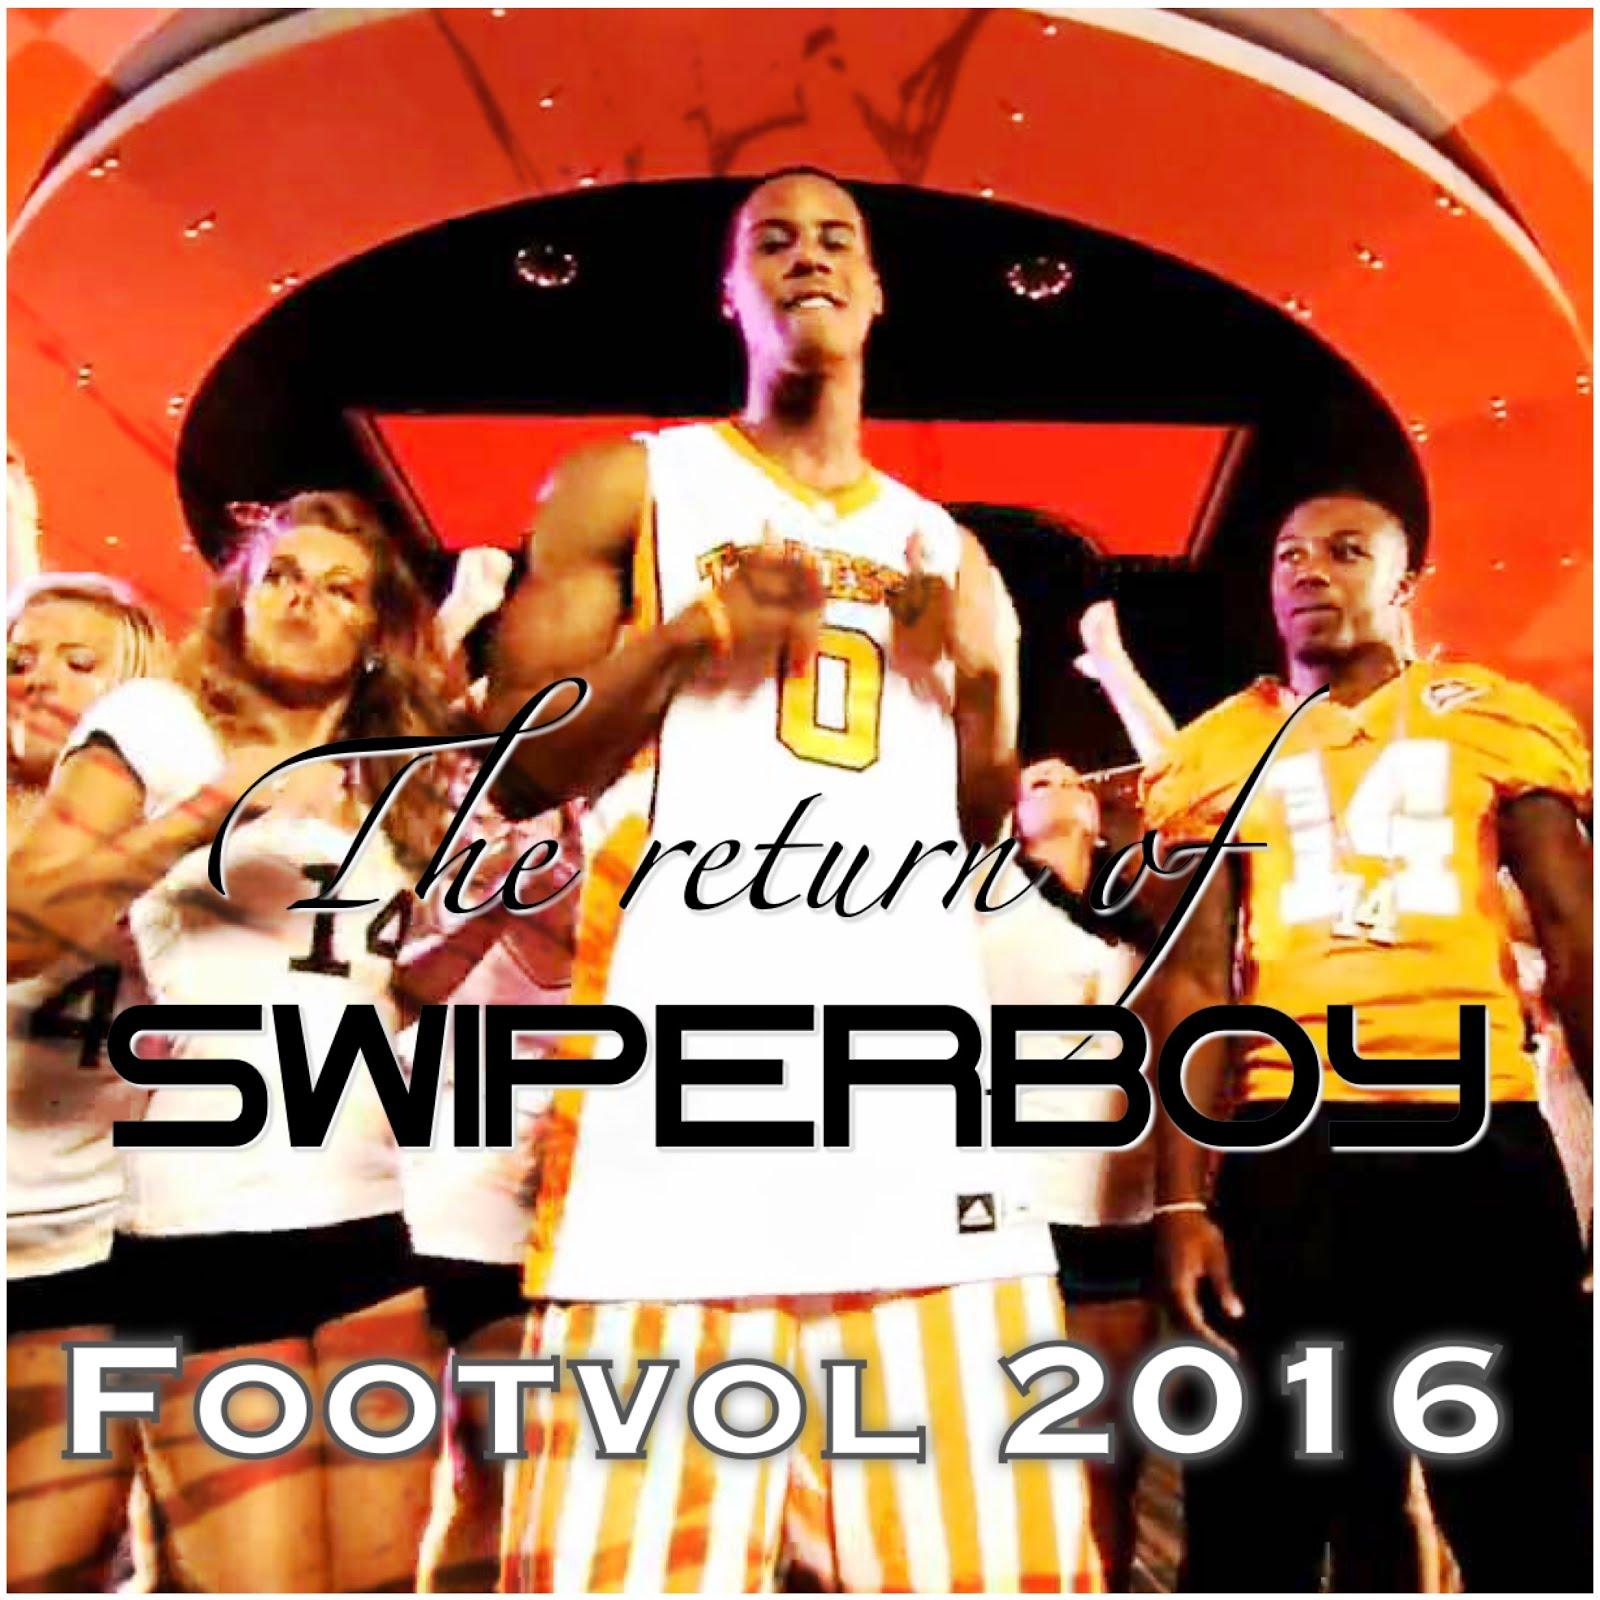 Footvol 2016